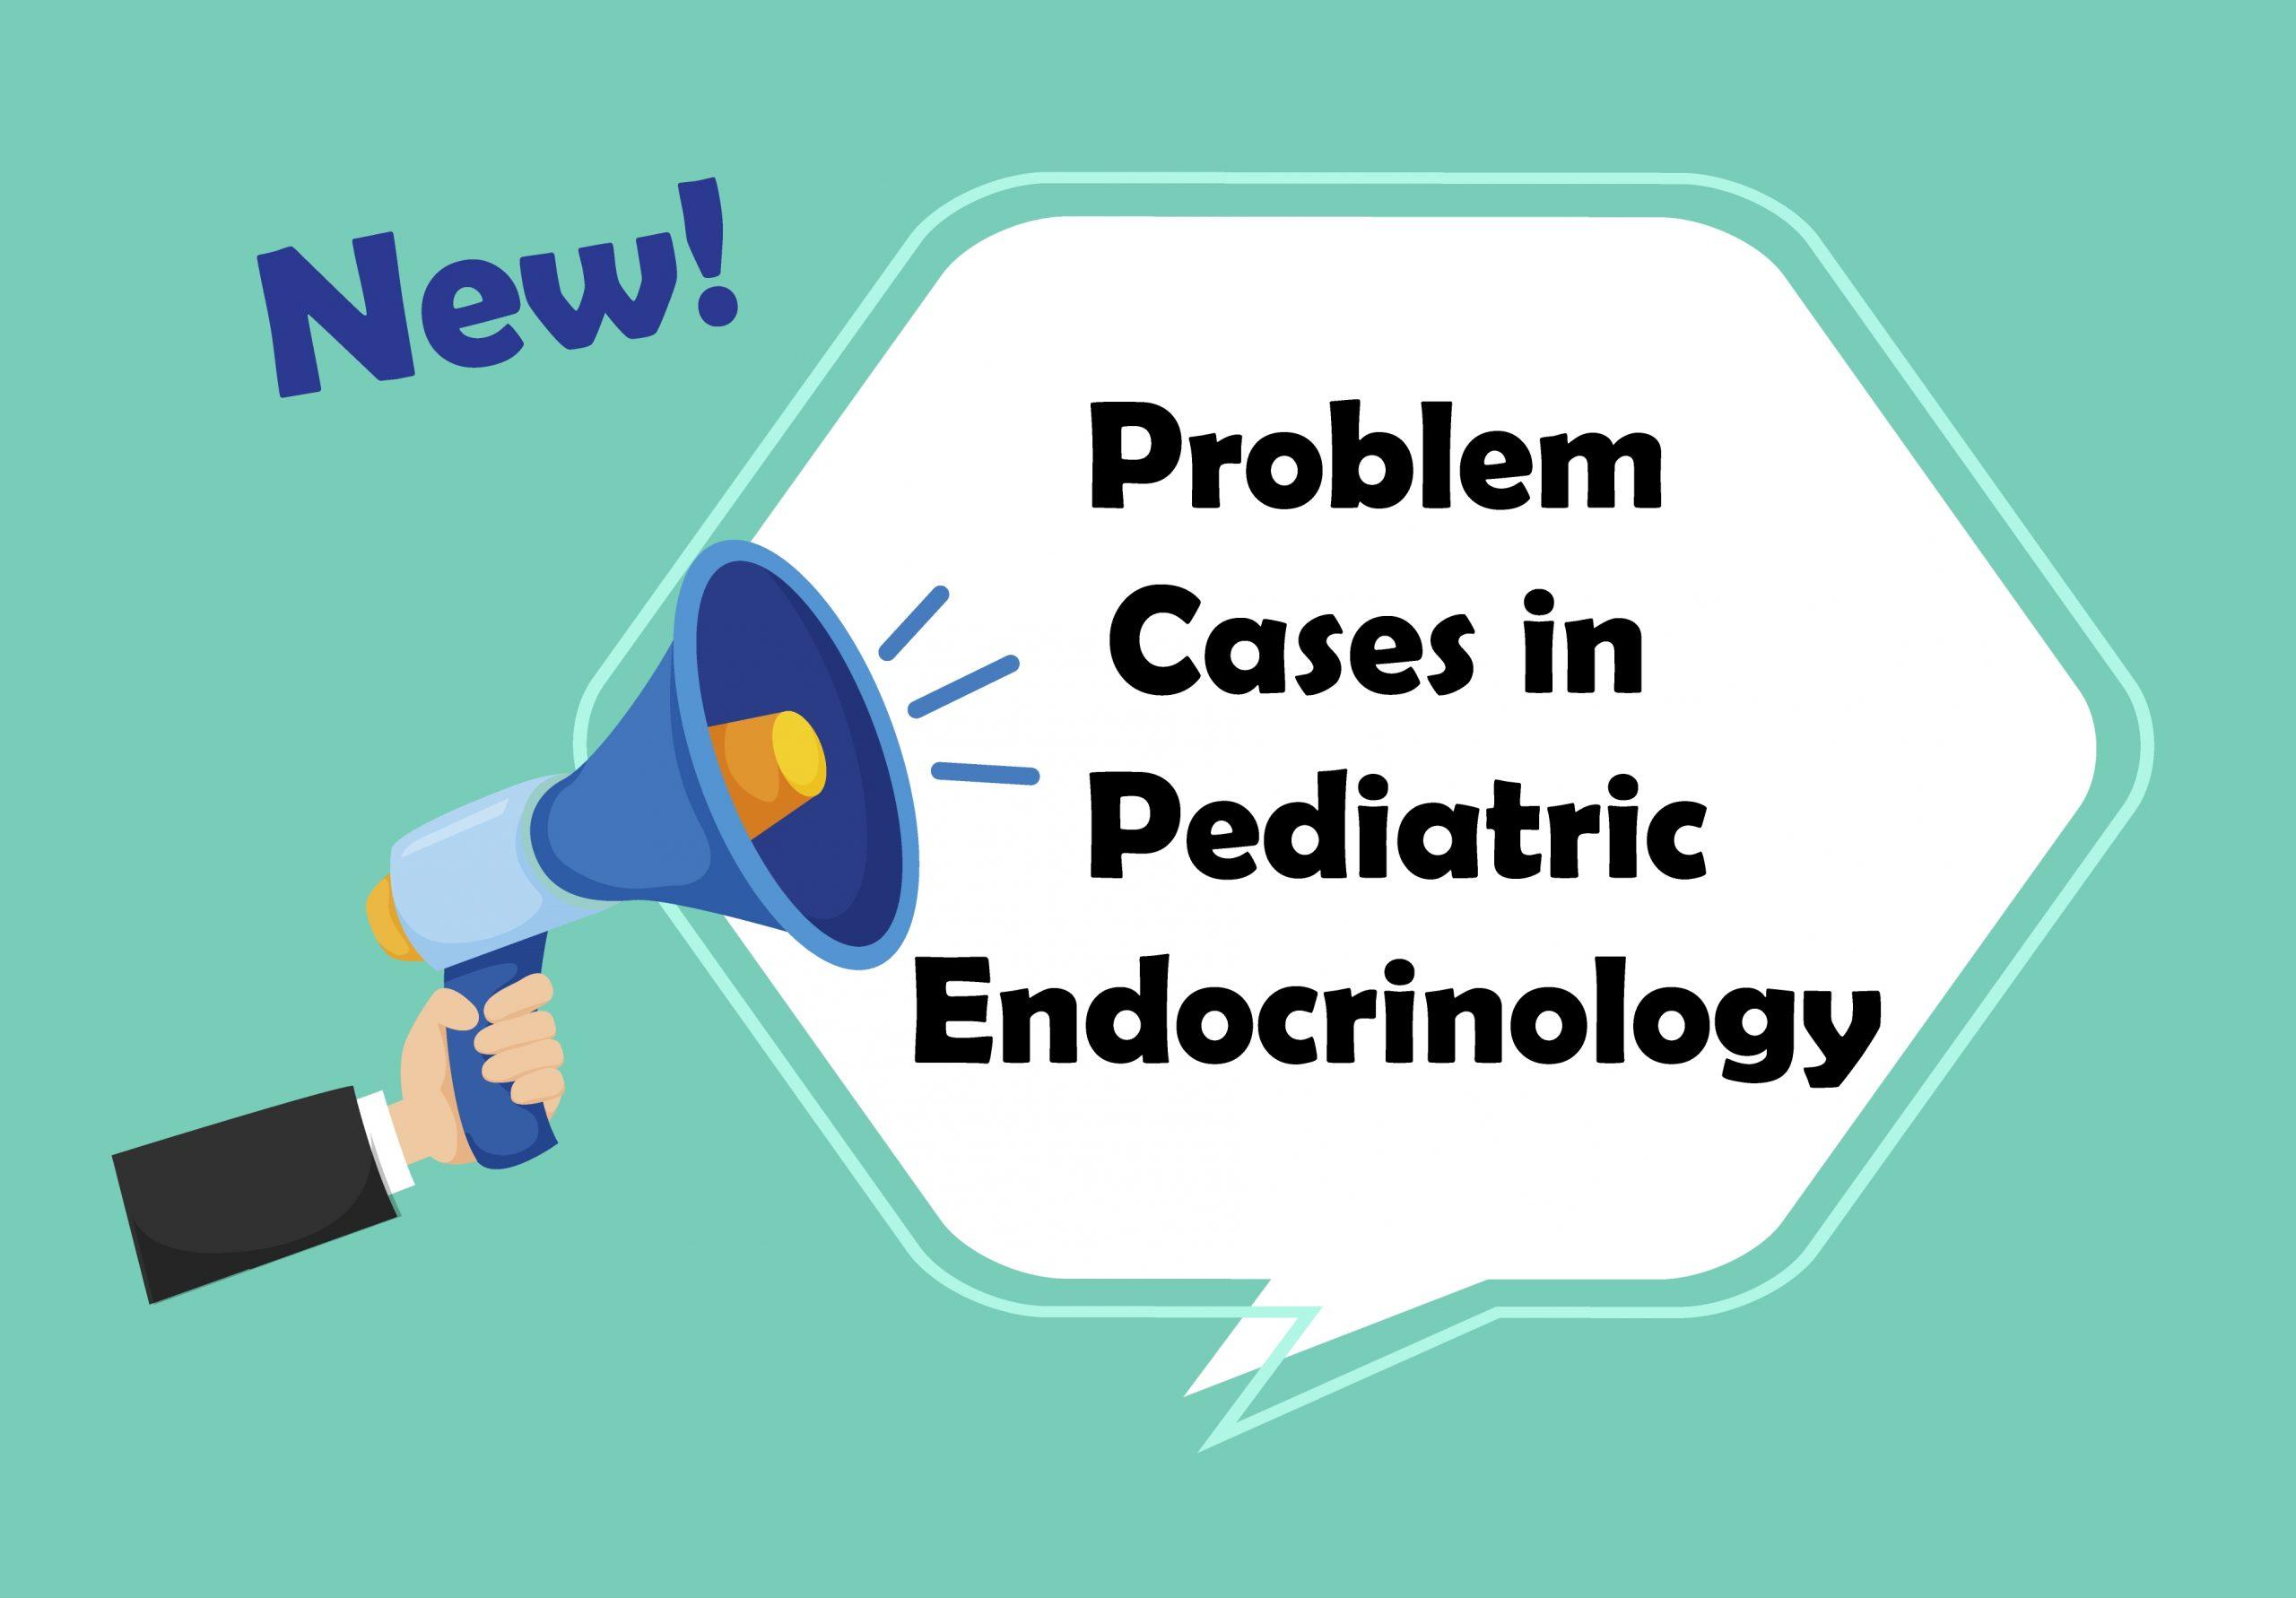 กิจกรรมใหม่ Problem Cases in Pediatric Endocrinology เริ่ม 18 กันยายน 2563